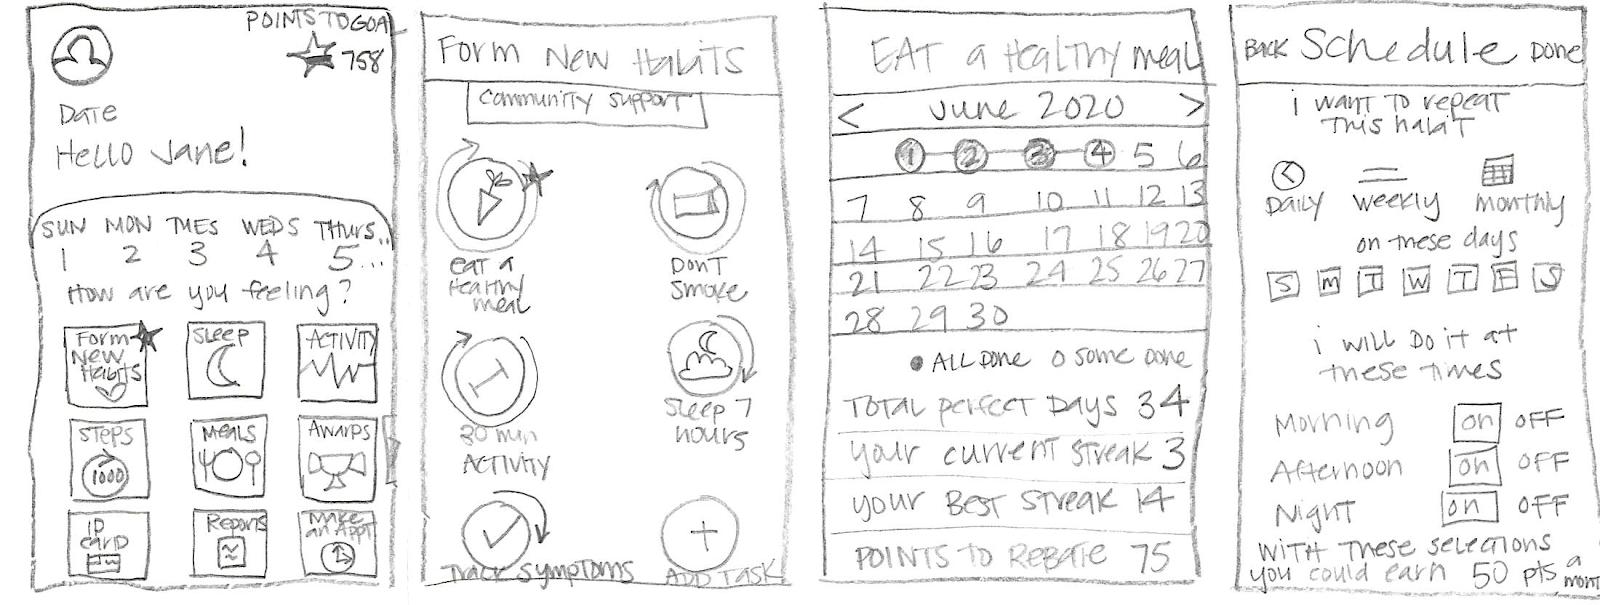 Form Habits Sketch.